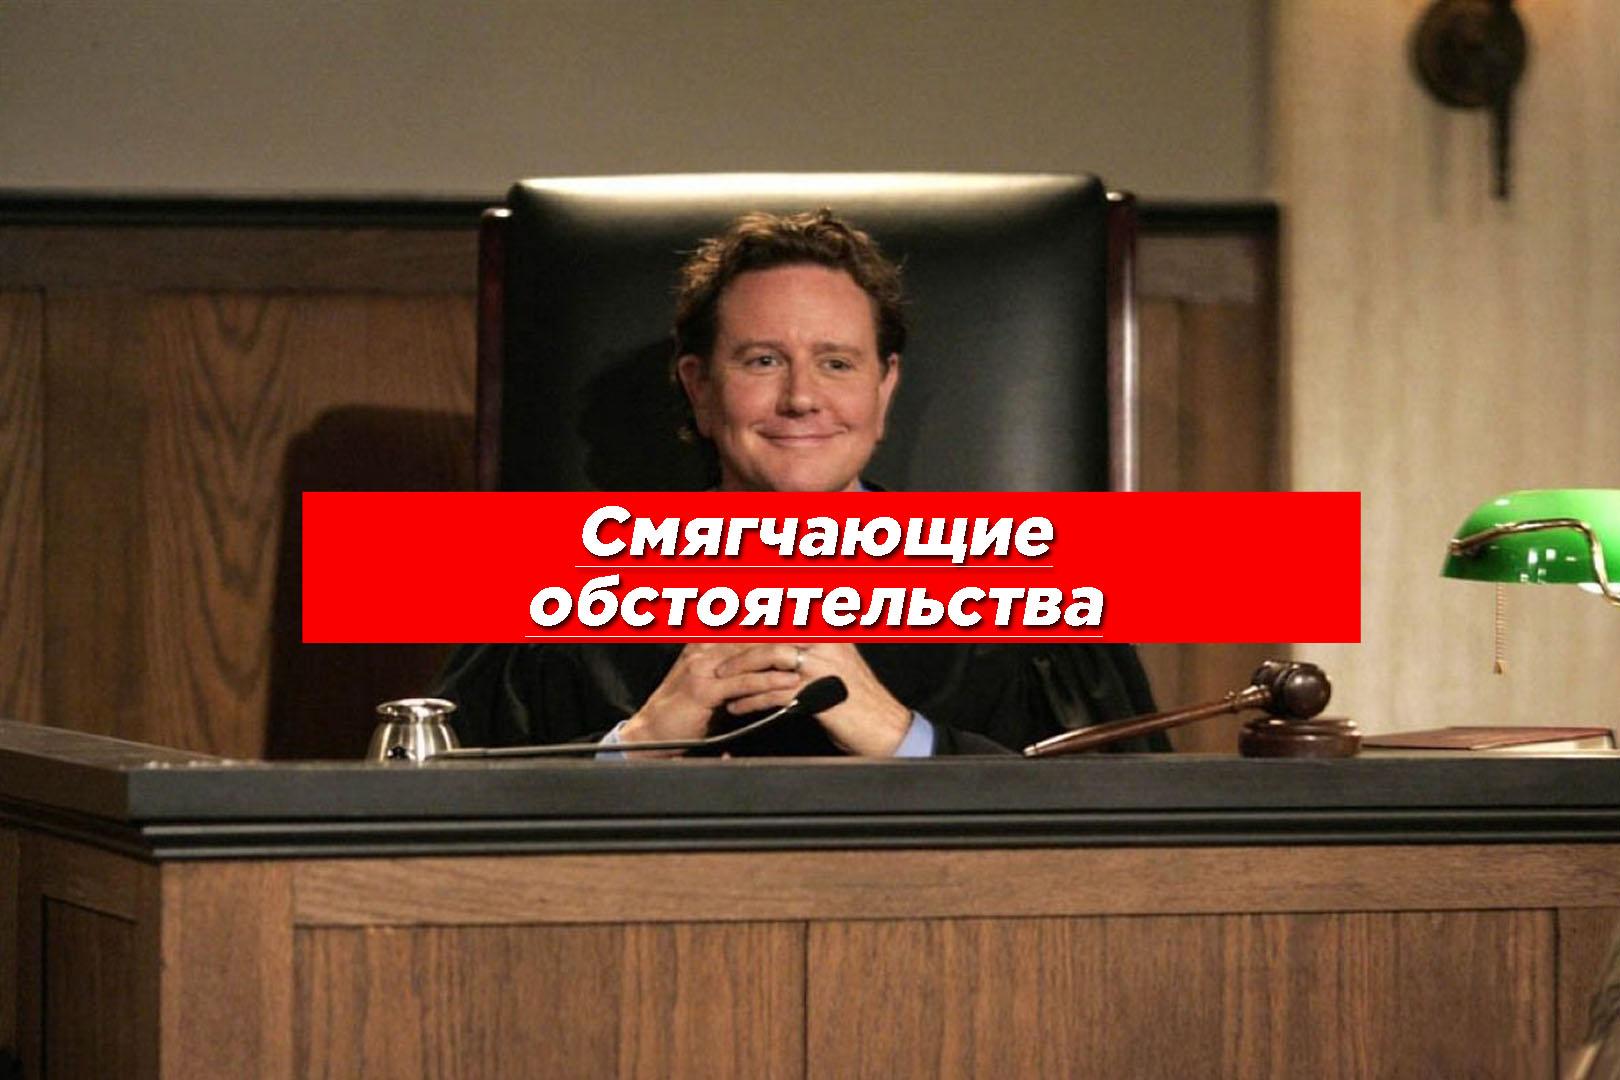 смягчающие обстоятельства, согласно статье 61 УК РФ